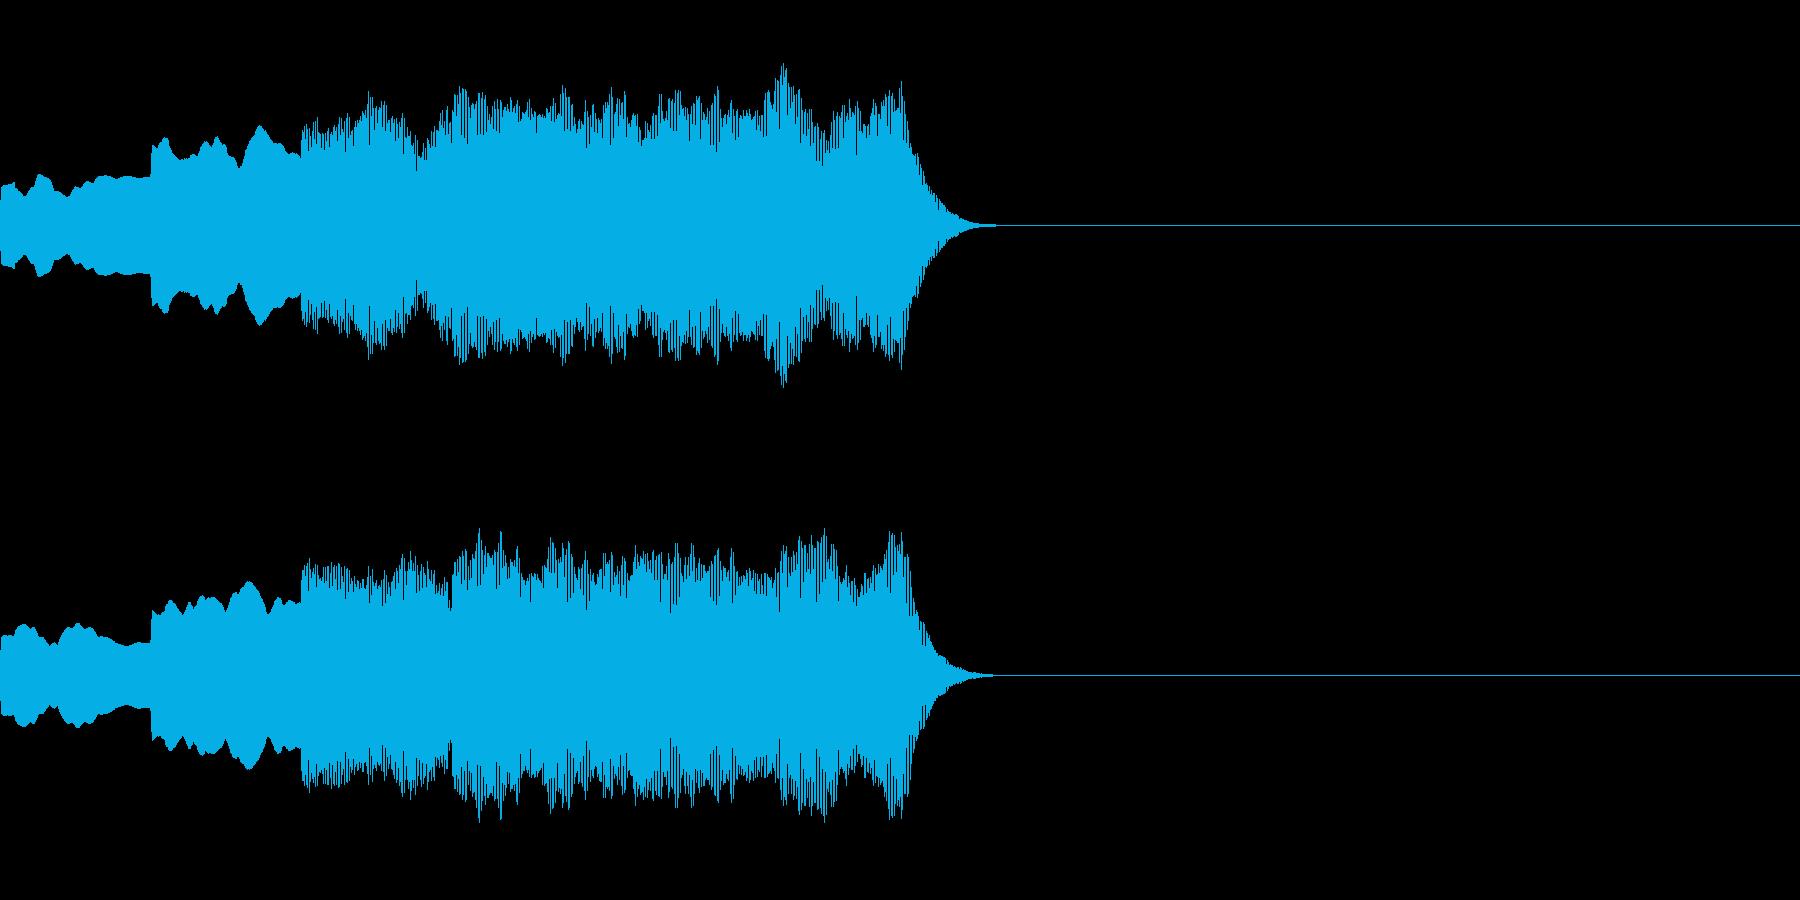 ピンポンパンポン(店内アナウンス後の音)の再生済みの波形